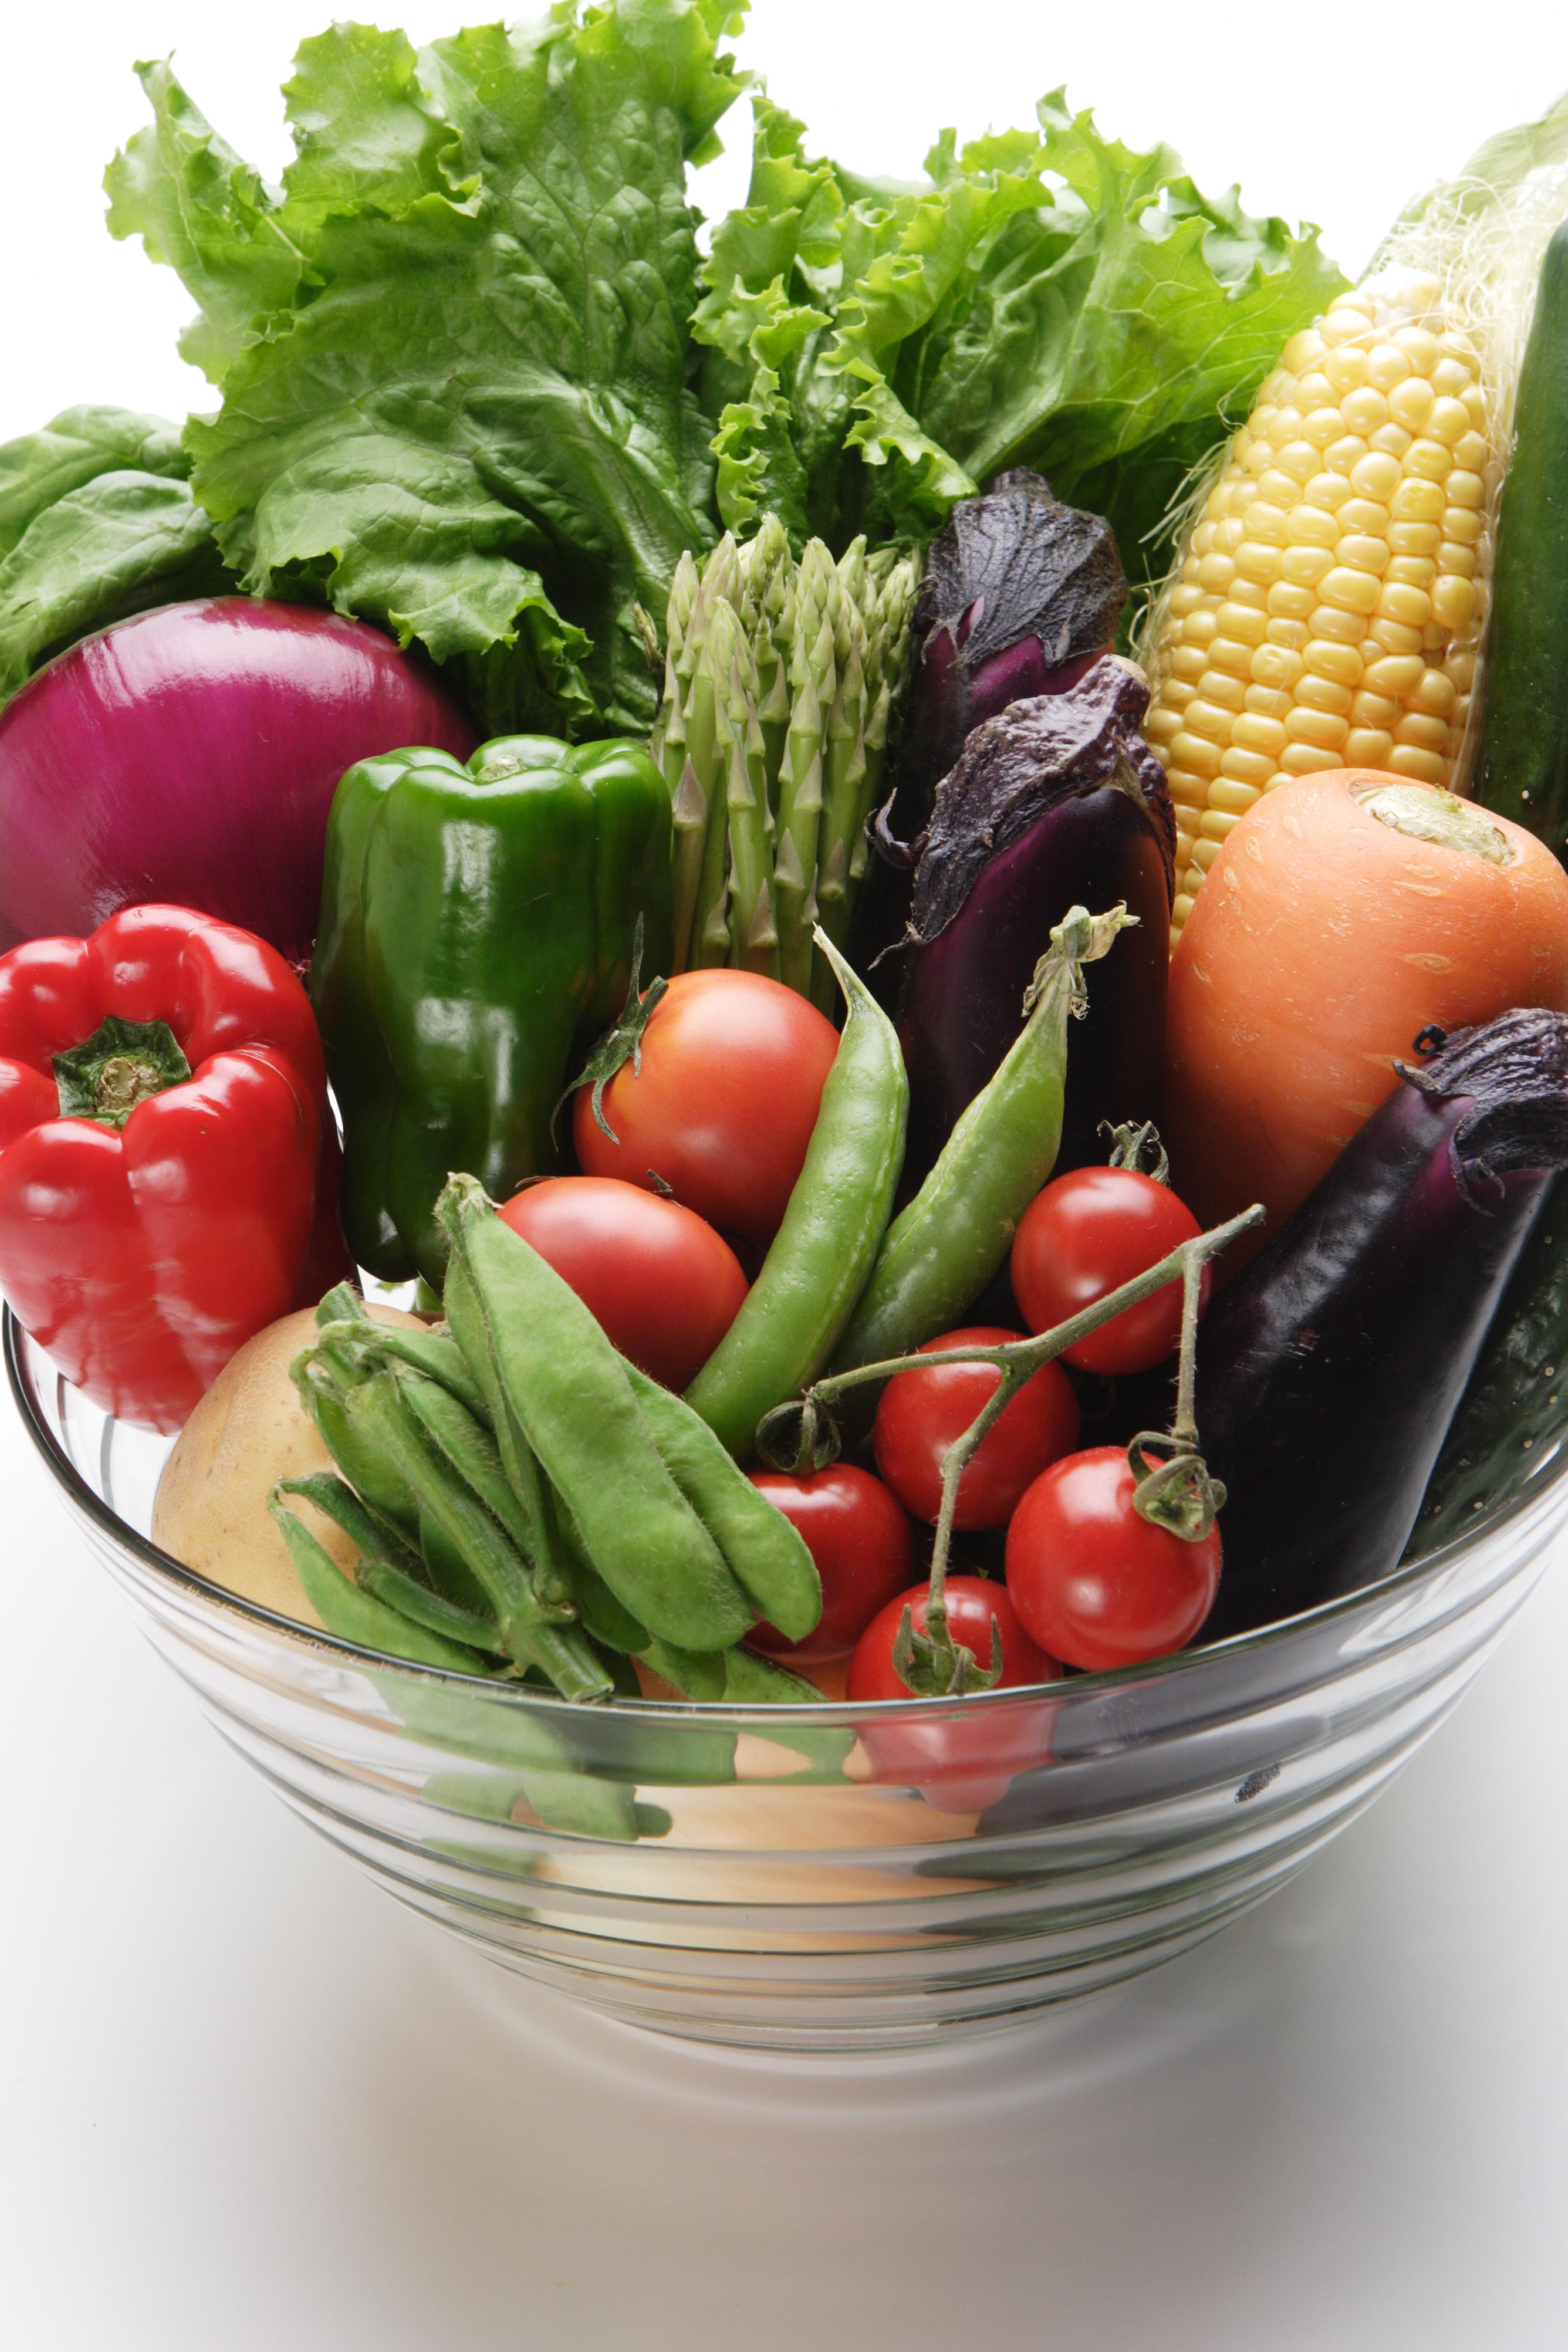 野菜冷凍保存の正しいやり方!魚や肉だけじゃない長期保存でうま味や栄養価もUP!解凍方法も教えます